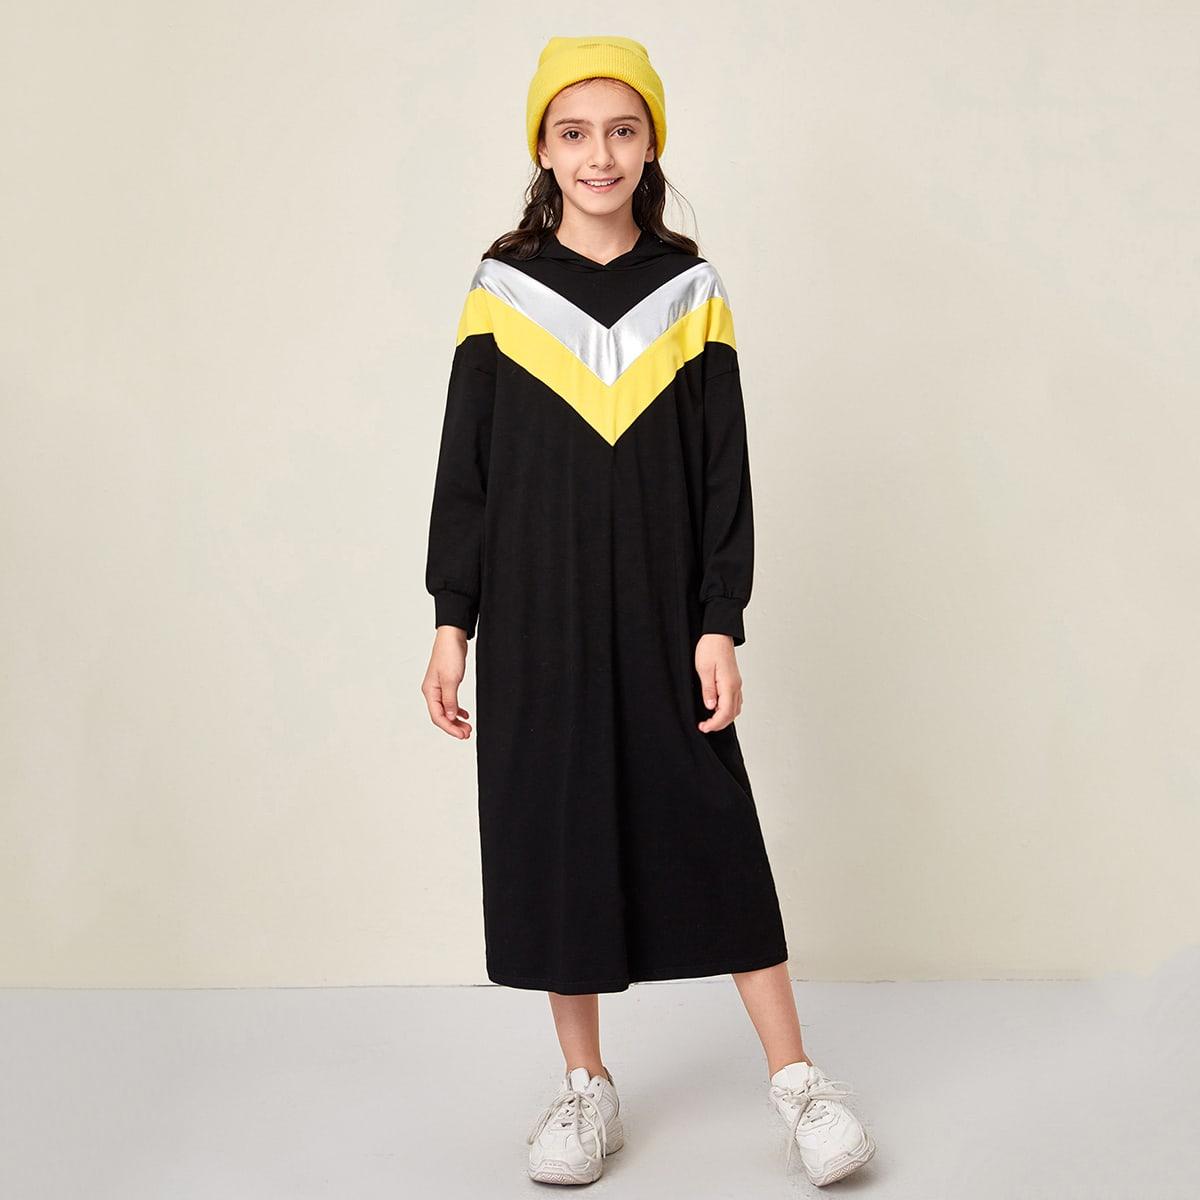 Контрастное платье-свитшот с капюшоном для девочек